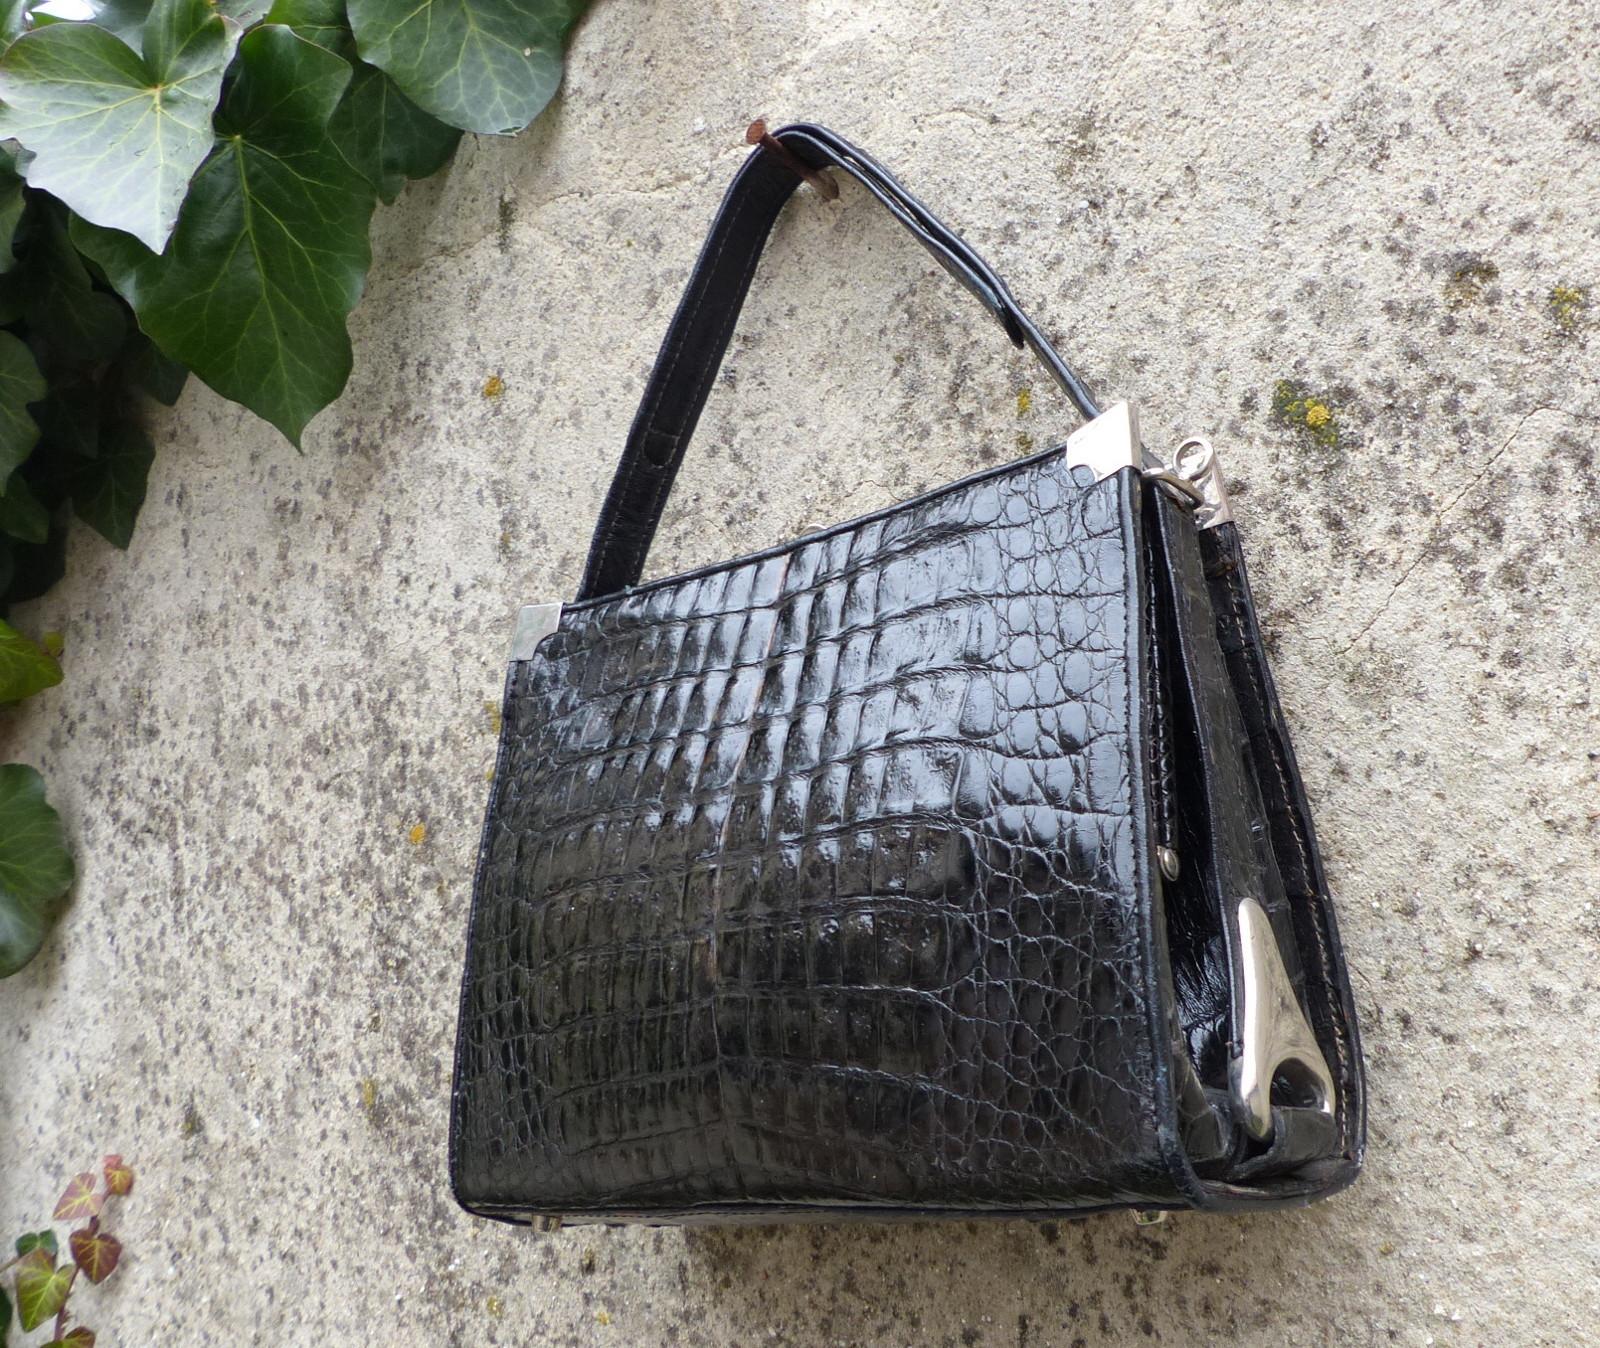 a16c6b5b60a Luxusní rámová kabelka z krokodýlí kůže   Zboží prodejce letokruhy ...